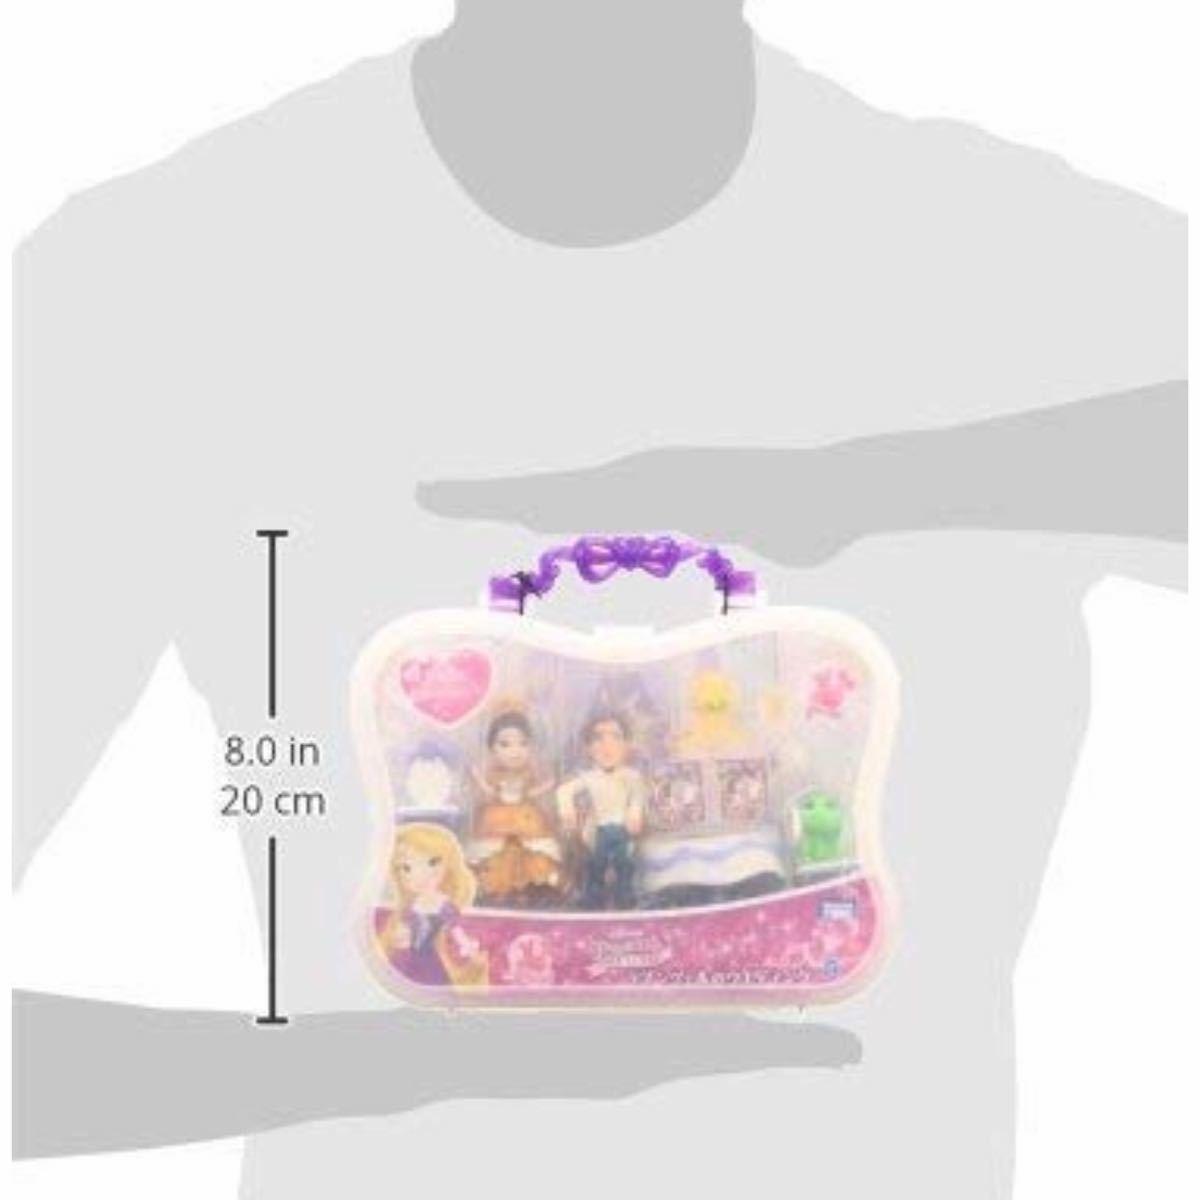 ディズニー ラプンツェル プリンセス 女の子 アクセサリー 着せ替え 人形 セット クリスマス プレゼント 誕生日 お年玉